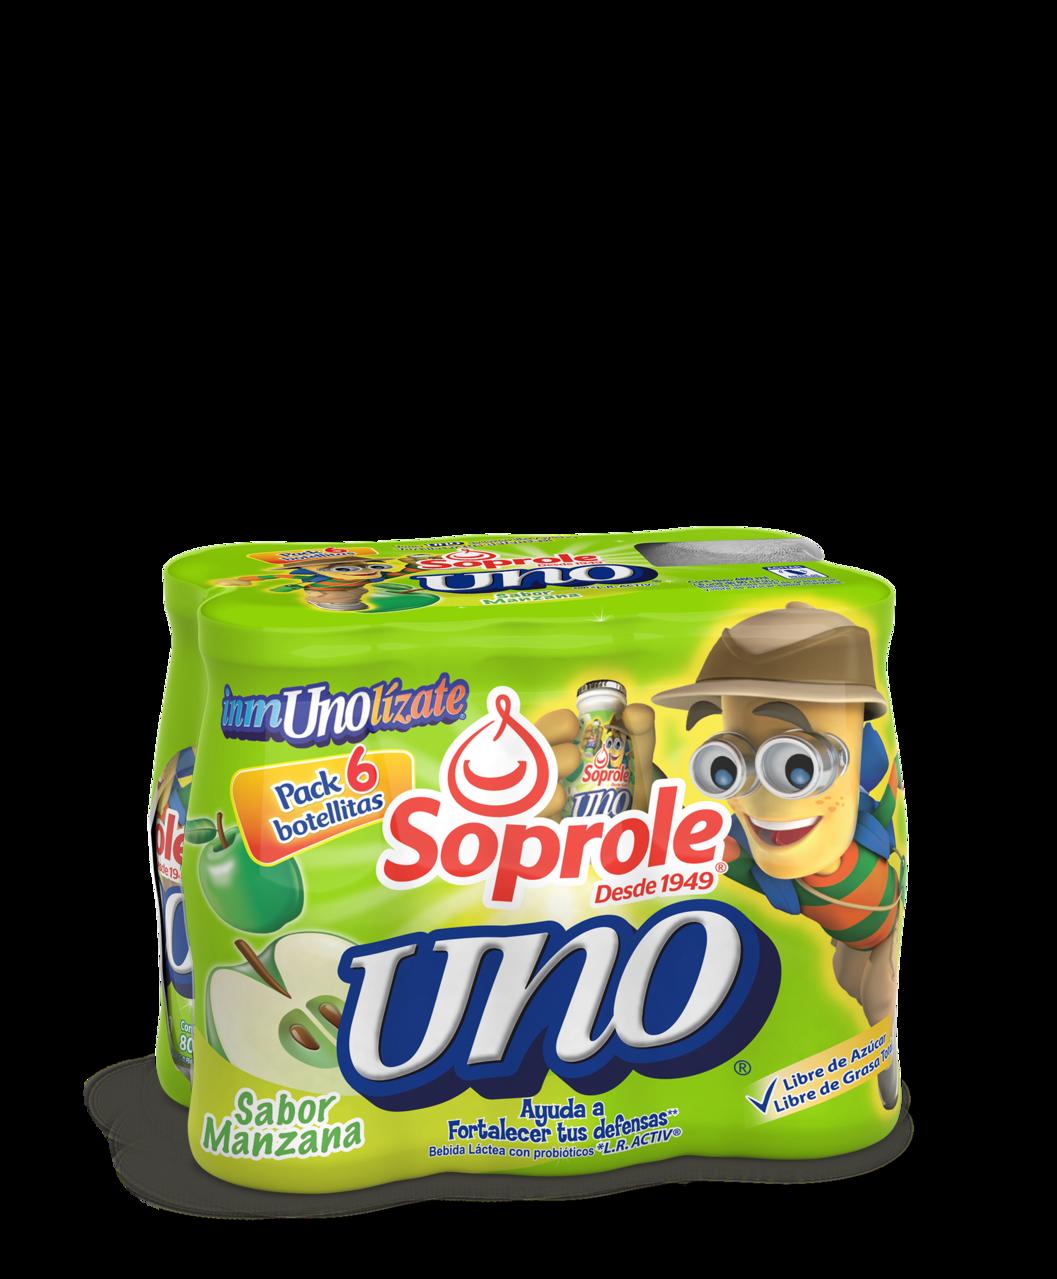 Soprole uno sabor manzana pack 6